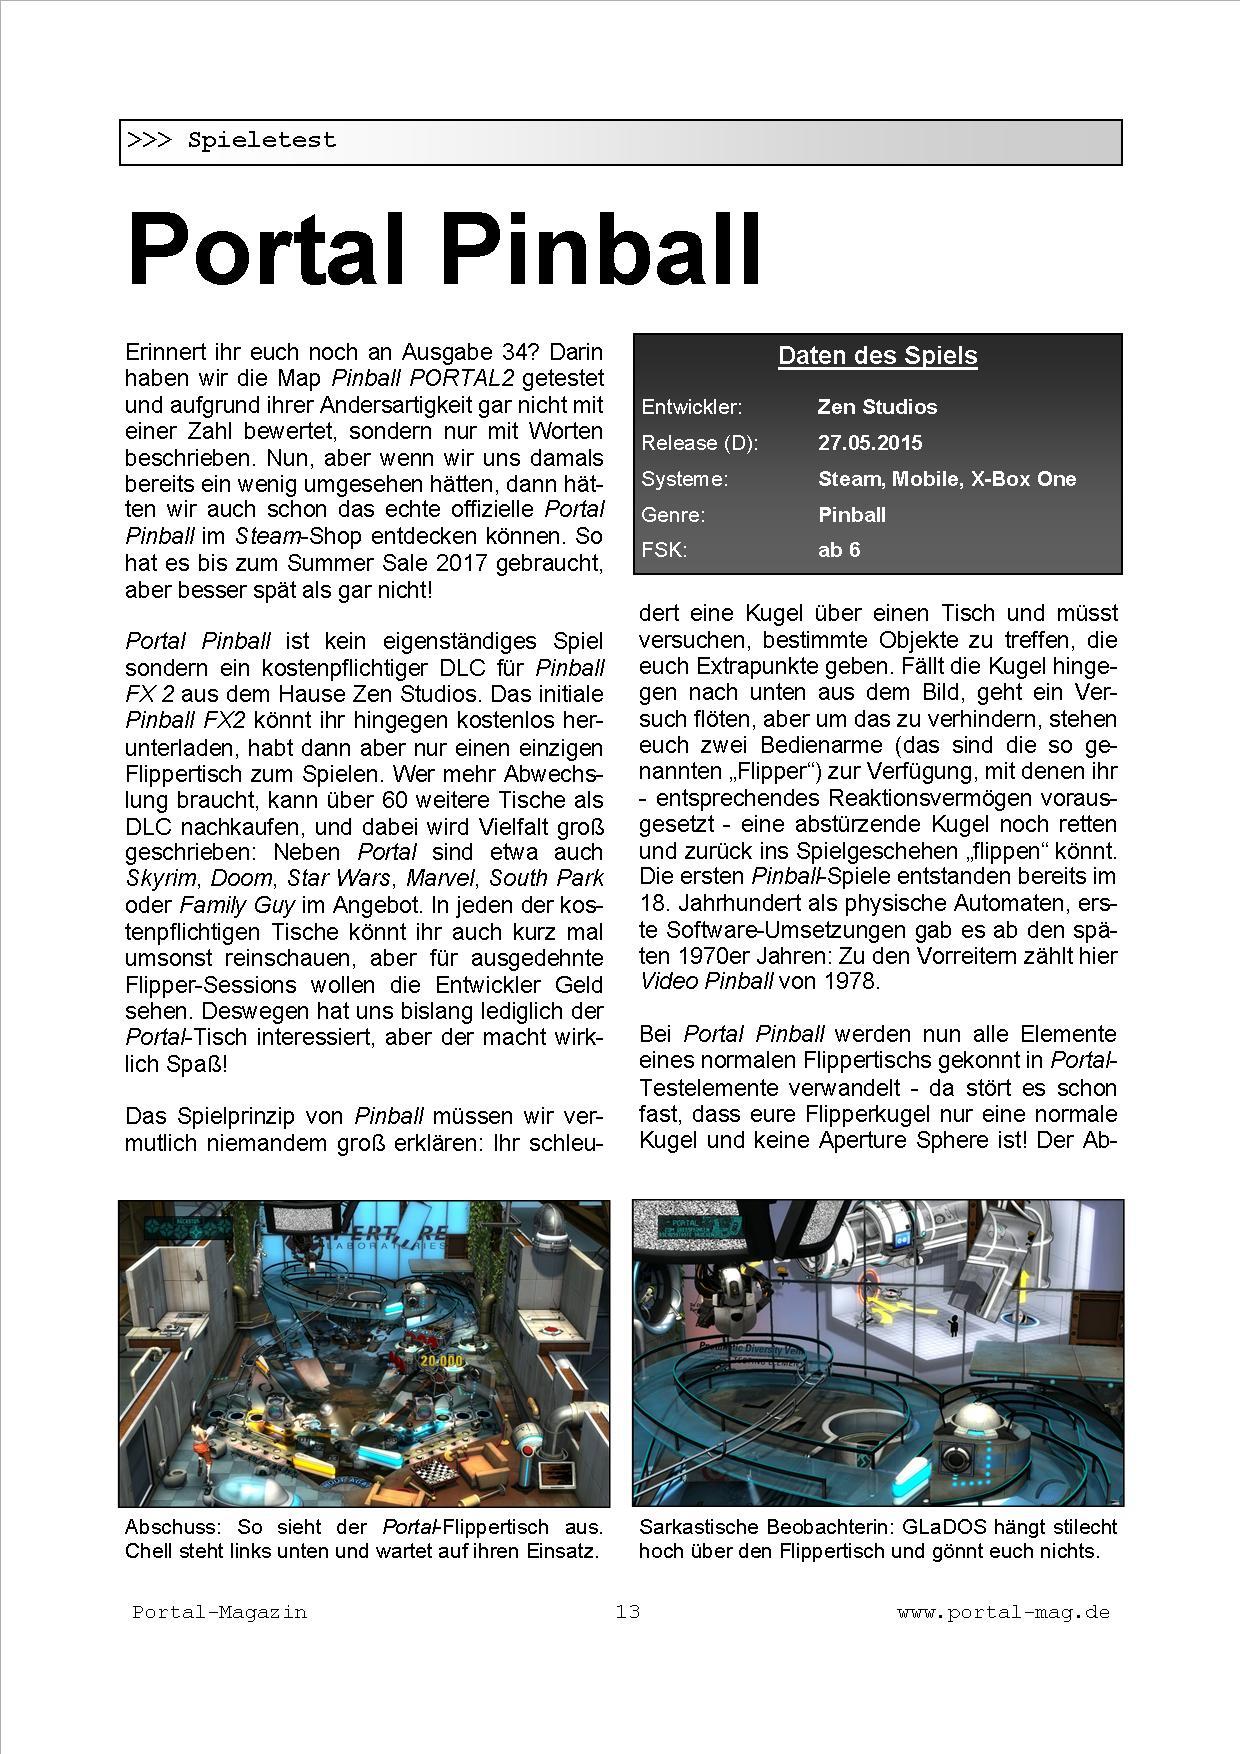 Ausgabe 37, Seite 13